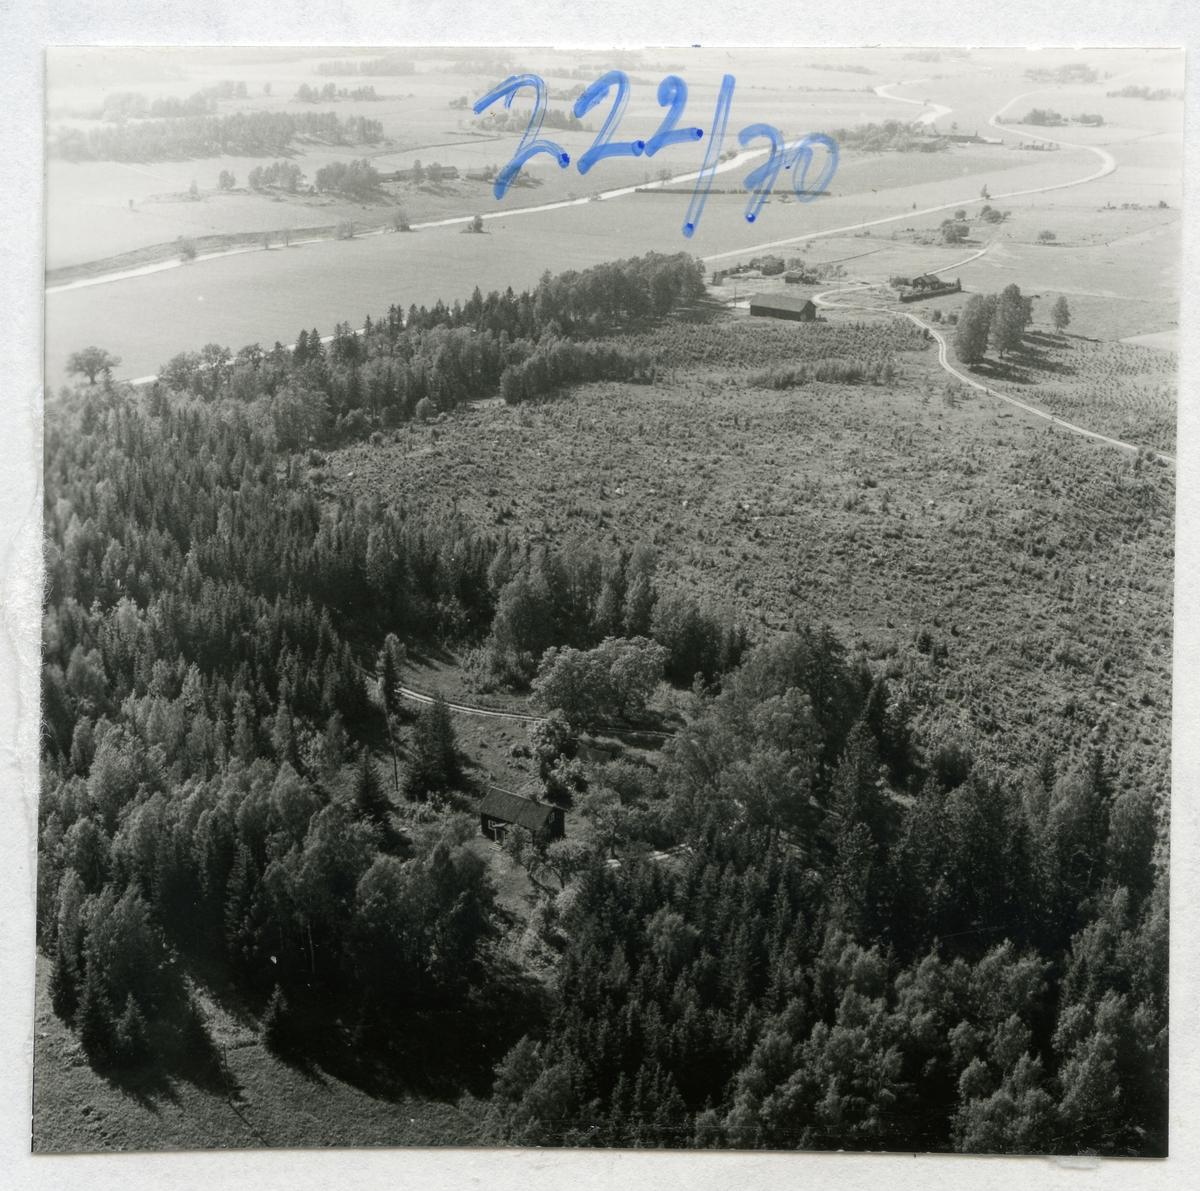 Skultuna sn, Västerås, Gillberga. Flygfoto över Gillberga, 1970.